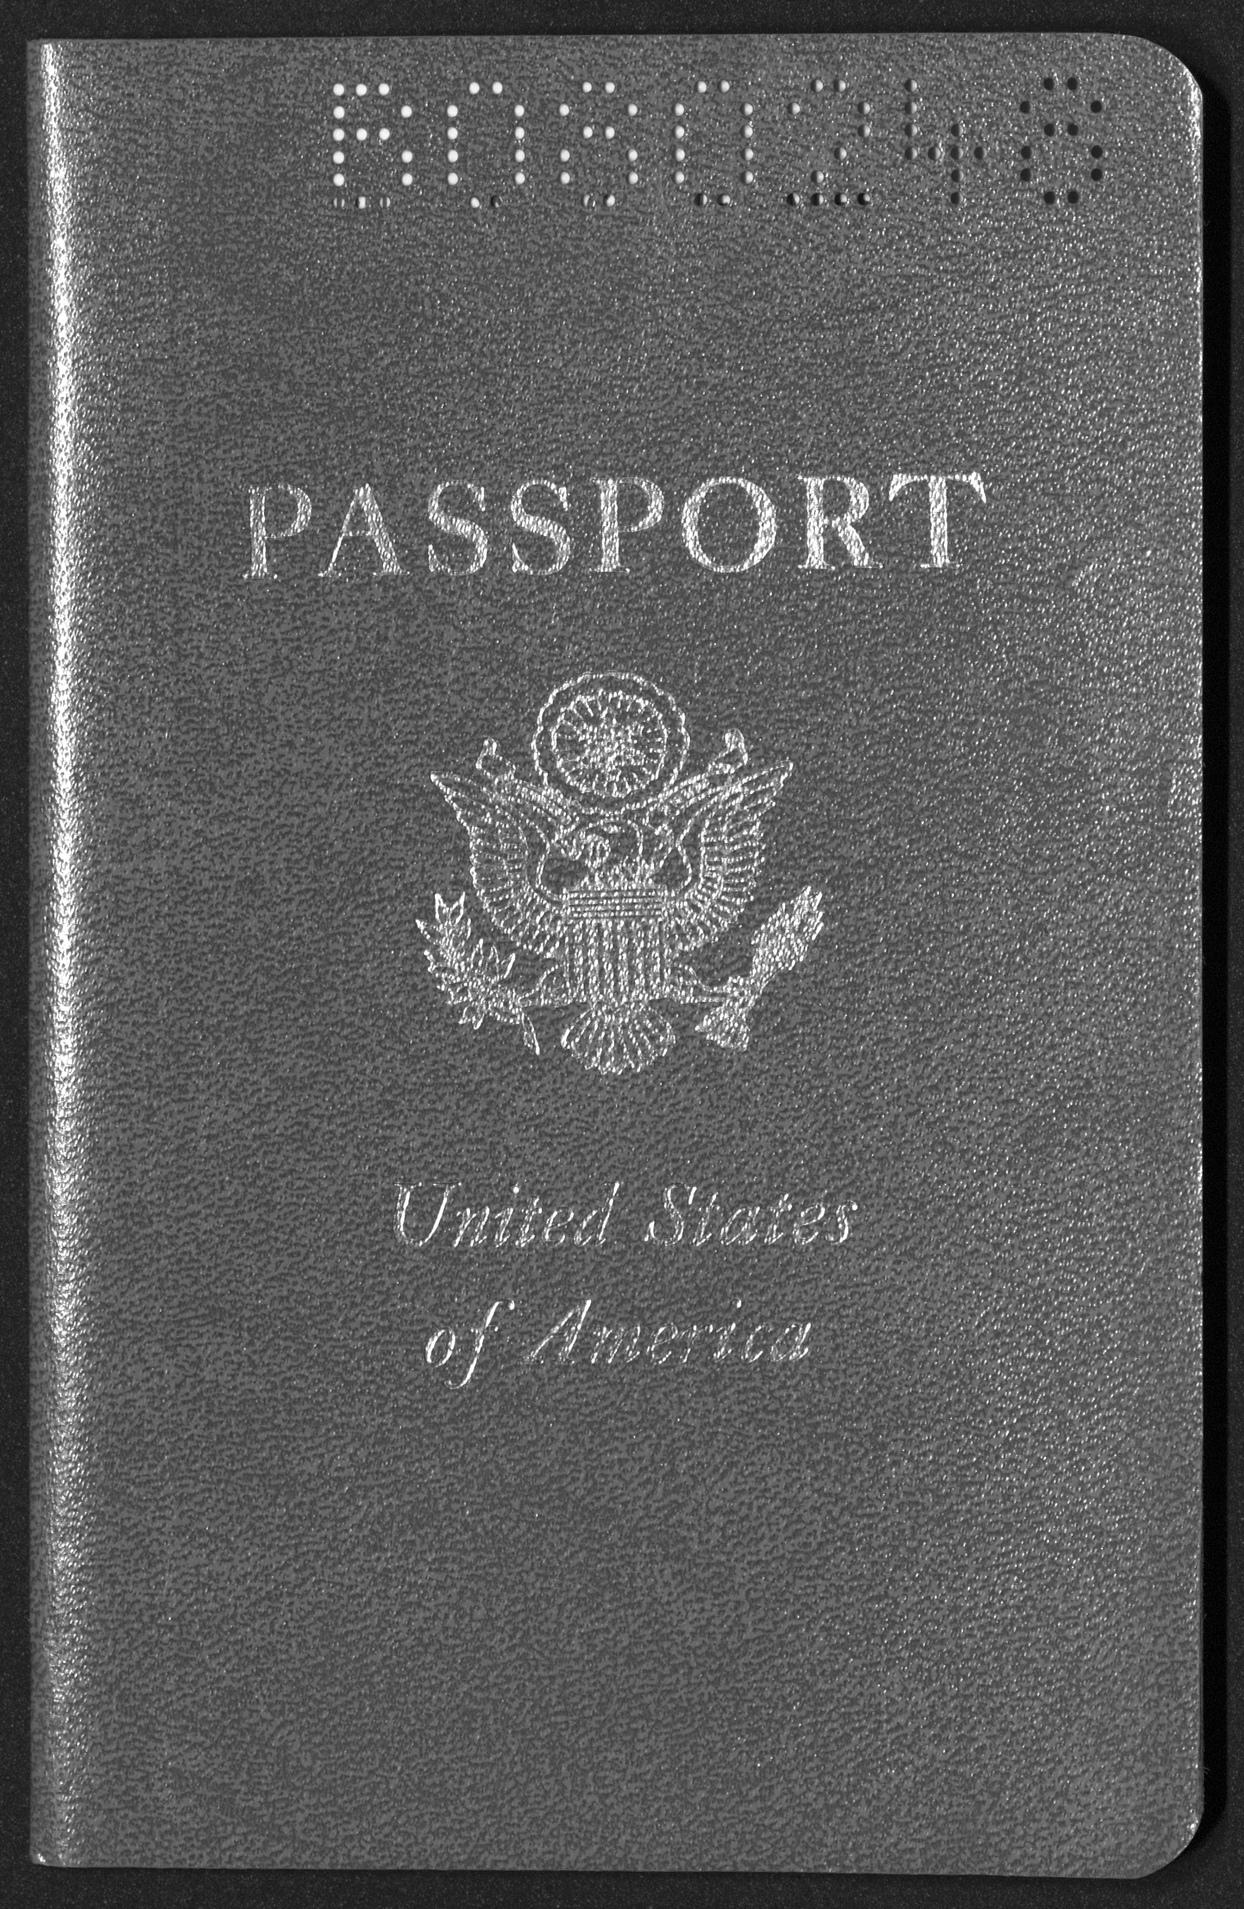 Passport, May 22, 1961 King, Willis J.1961 May 22 O9 Willis J. King papers